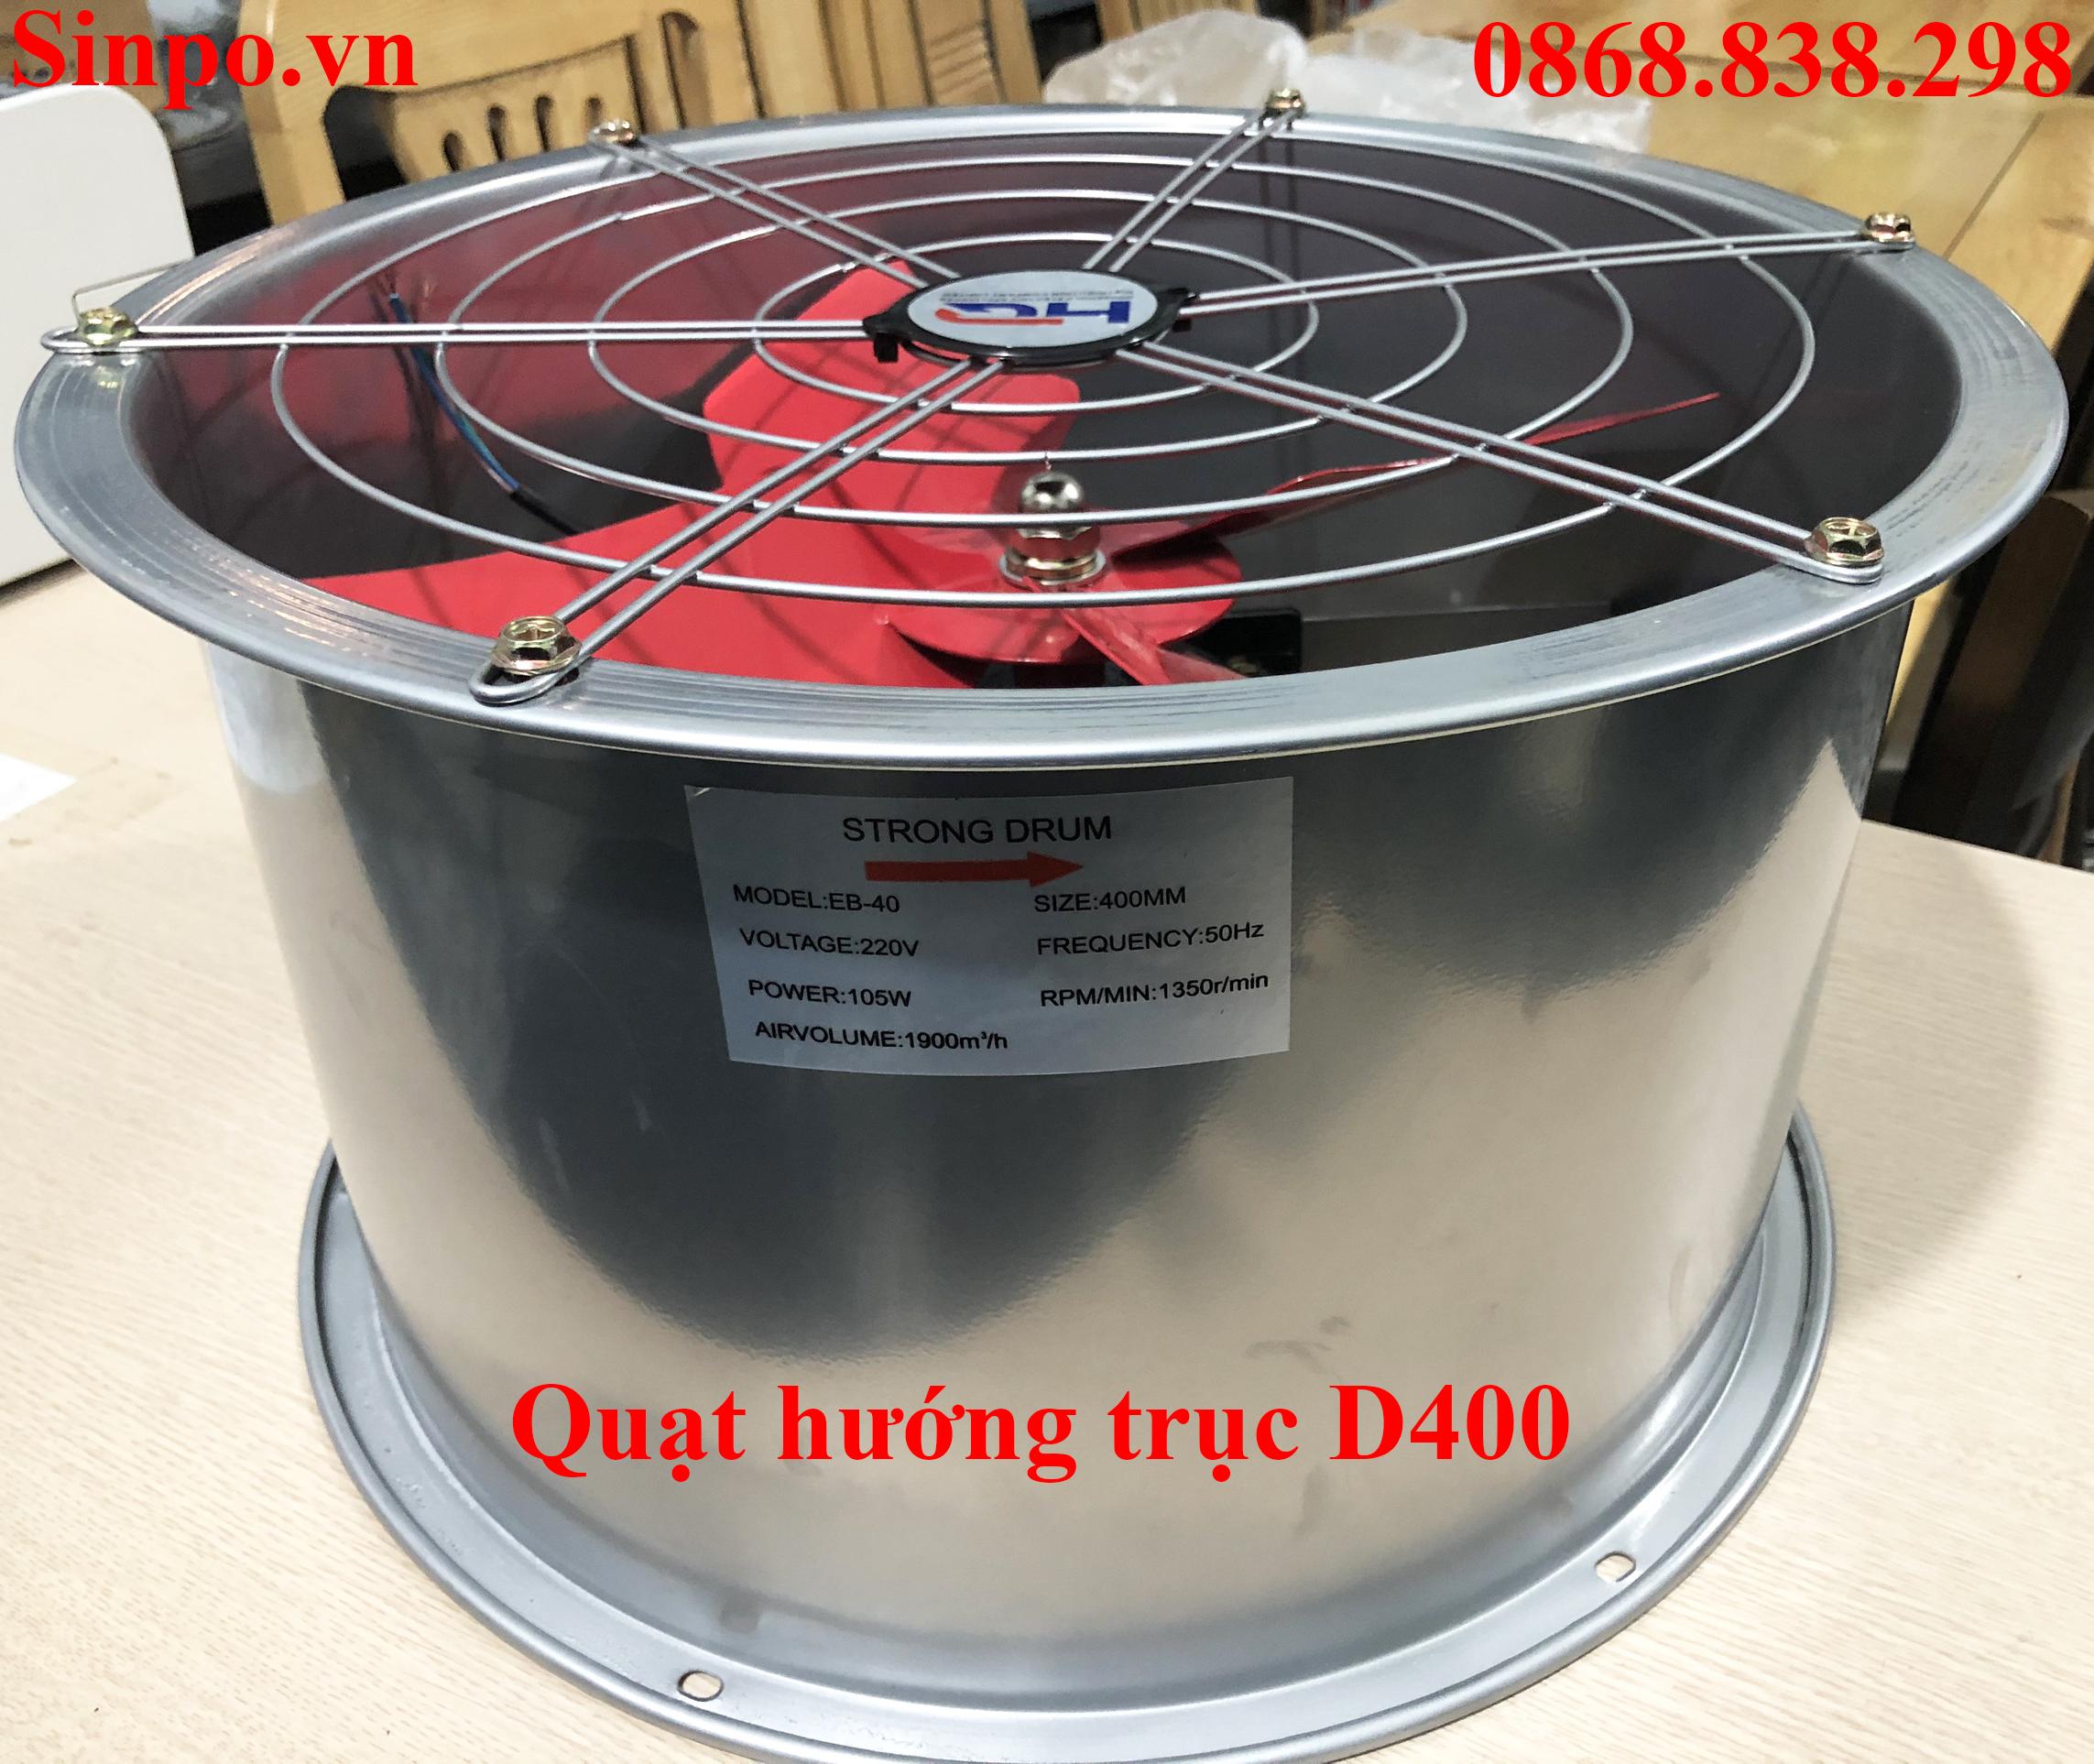 Địa chỉ mua quạt hướng trục D400 tại Hà Nội